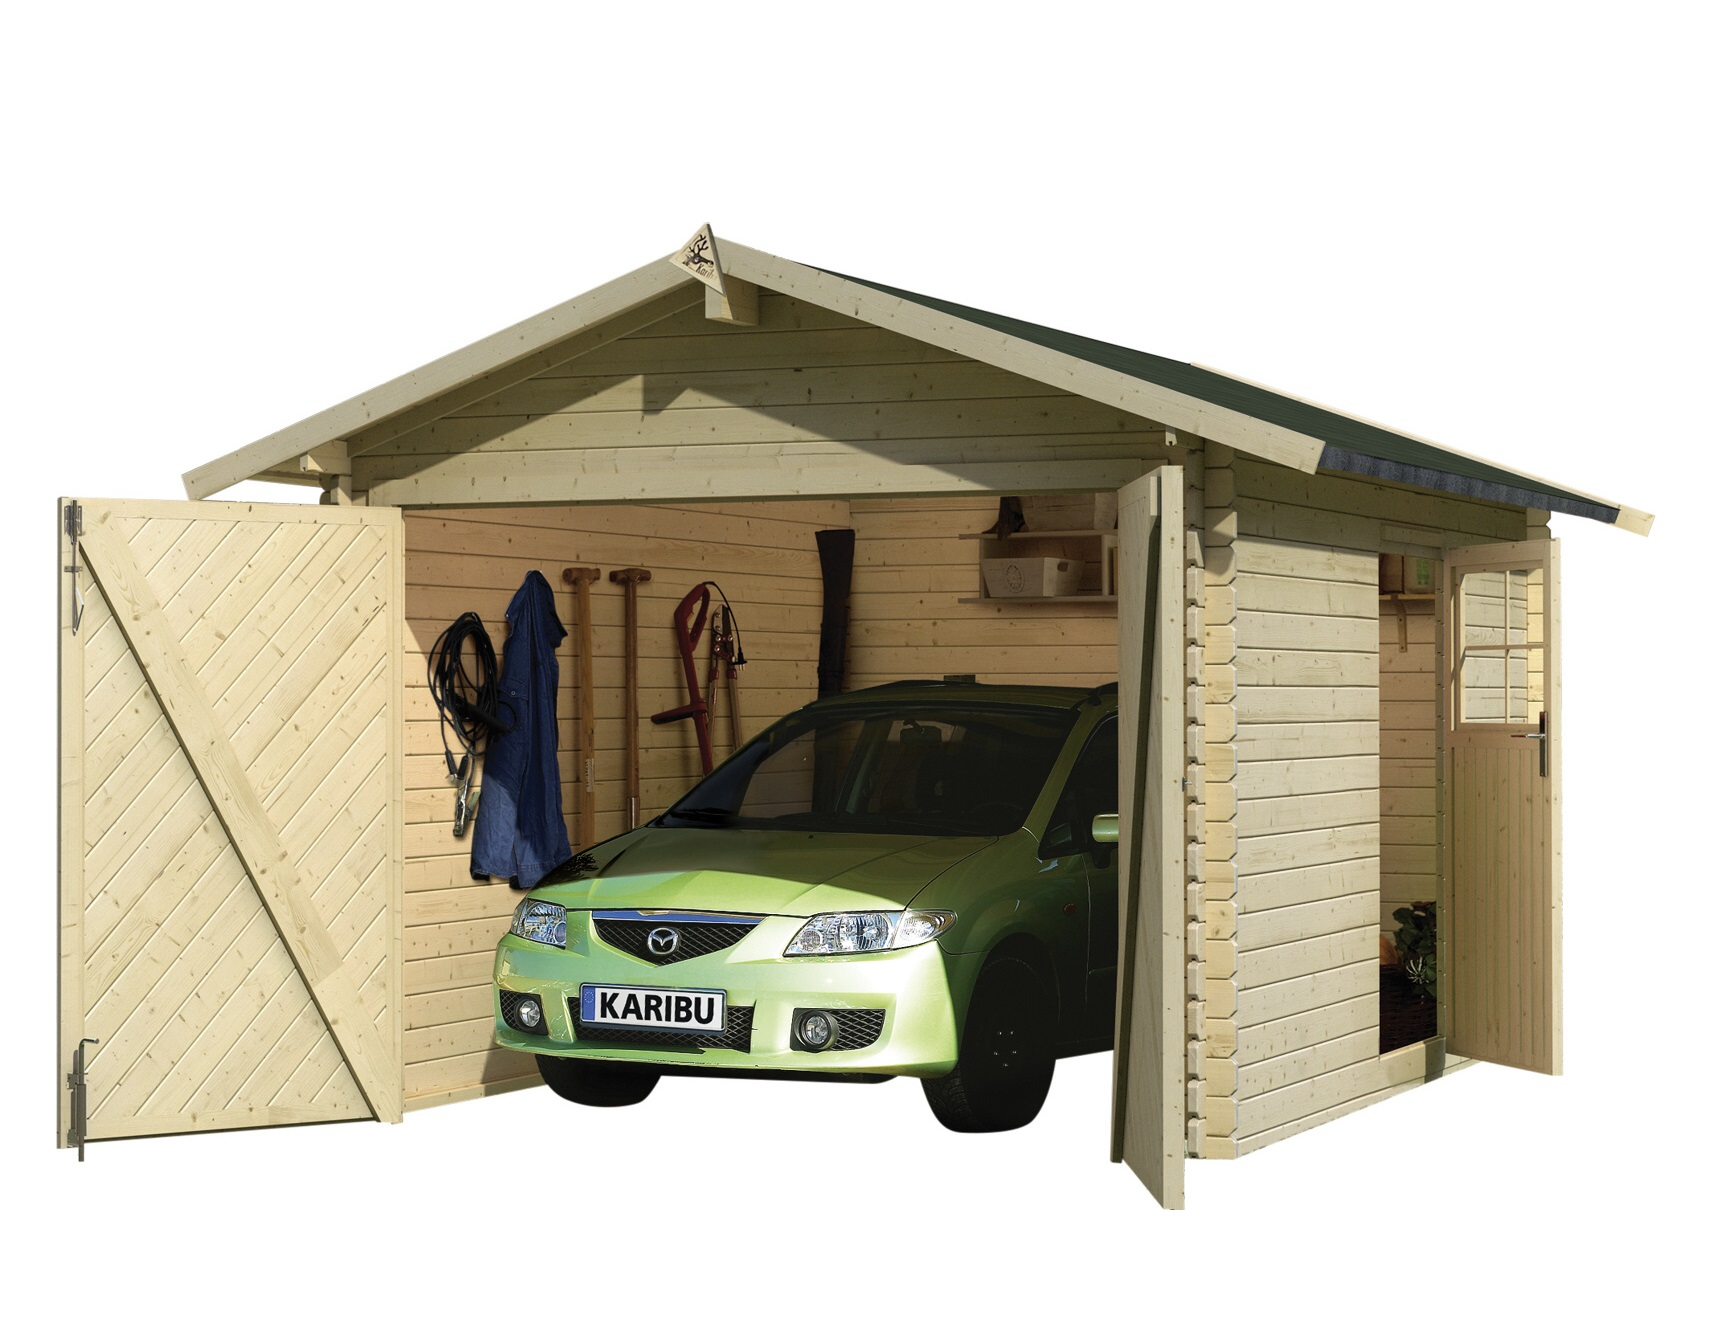 dřevěná garáž KARIBU 54133 28 mm natur